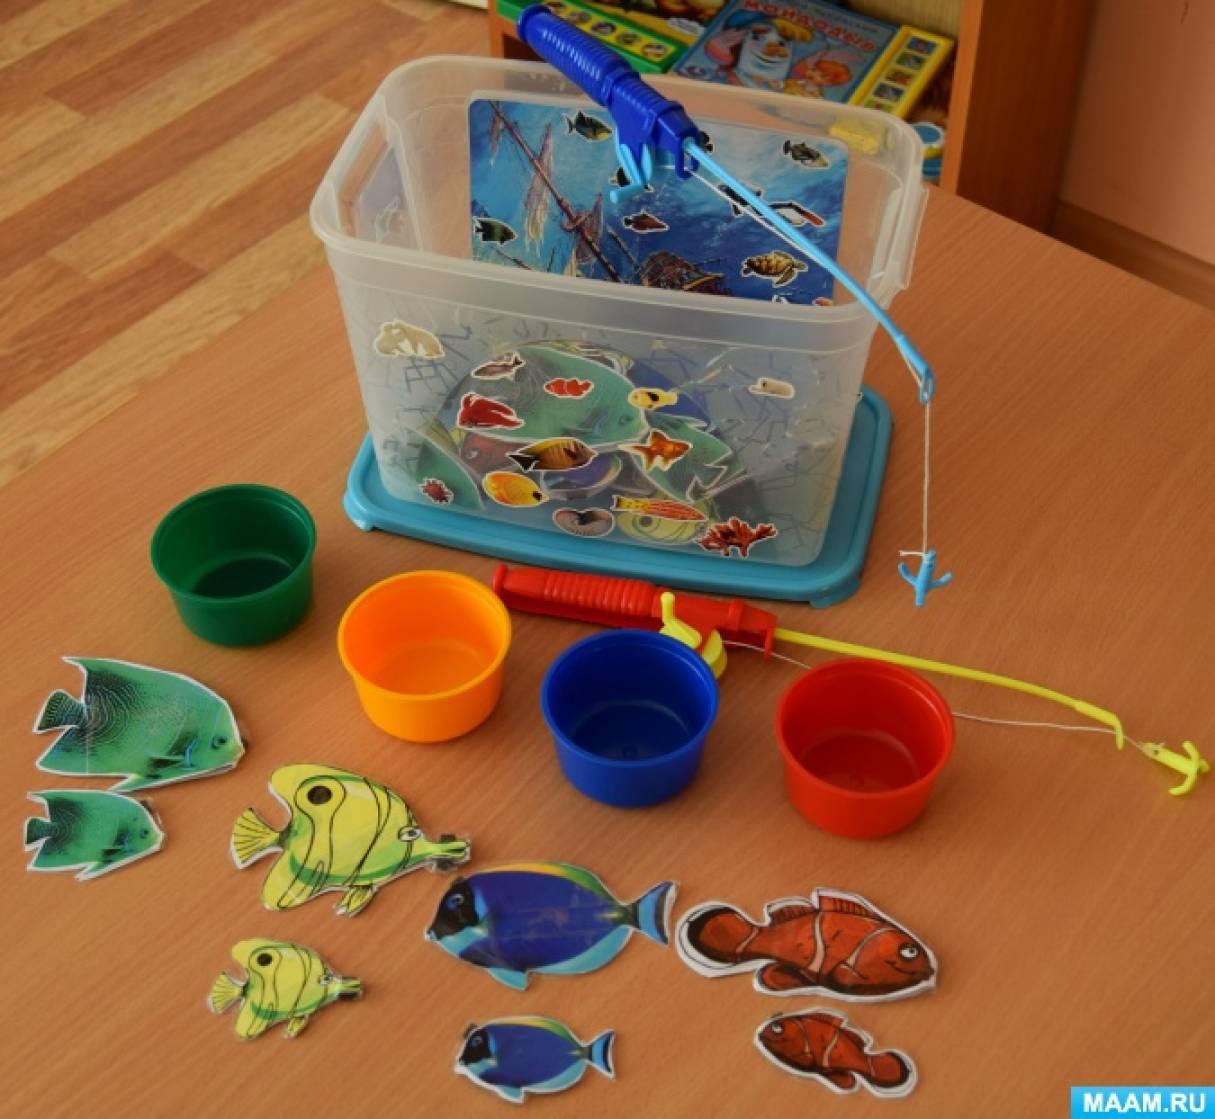 Дидактическая игра для детей раннего возраста «Веселая рыбалка»